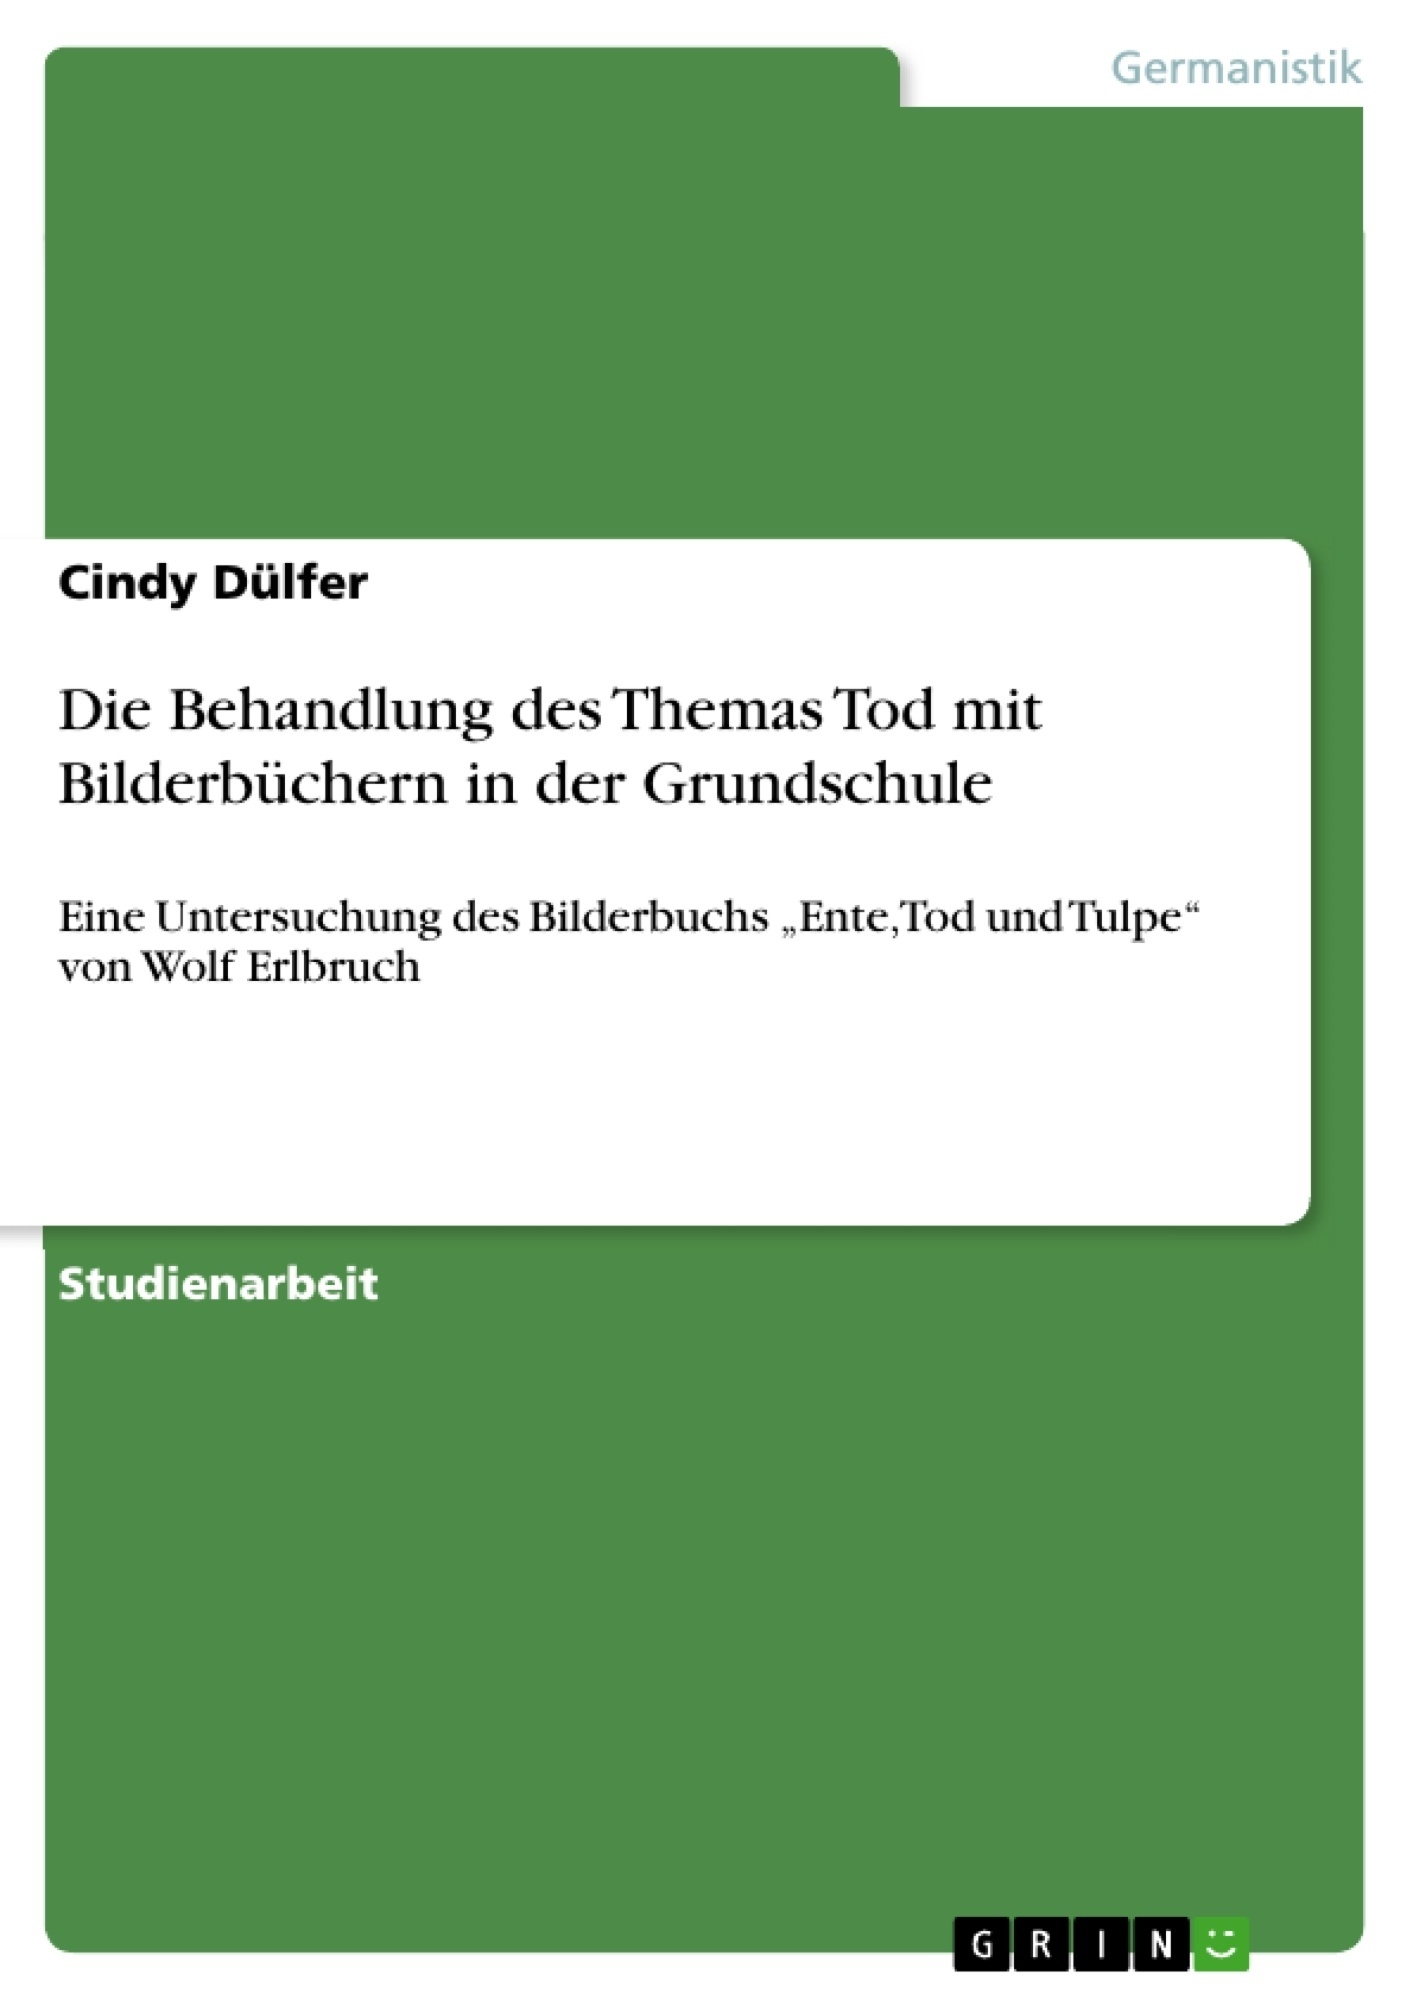 Titel: Die Behandlung des Themas Tod mit Bilderbüchern in der Grundschule